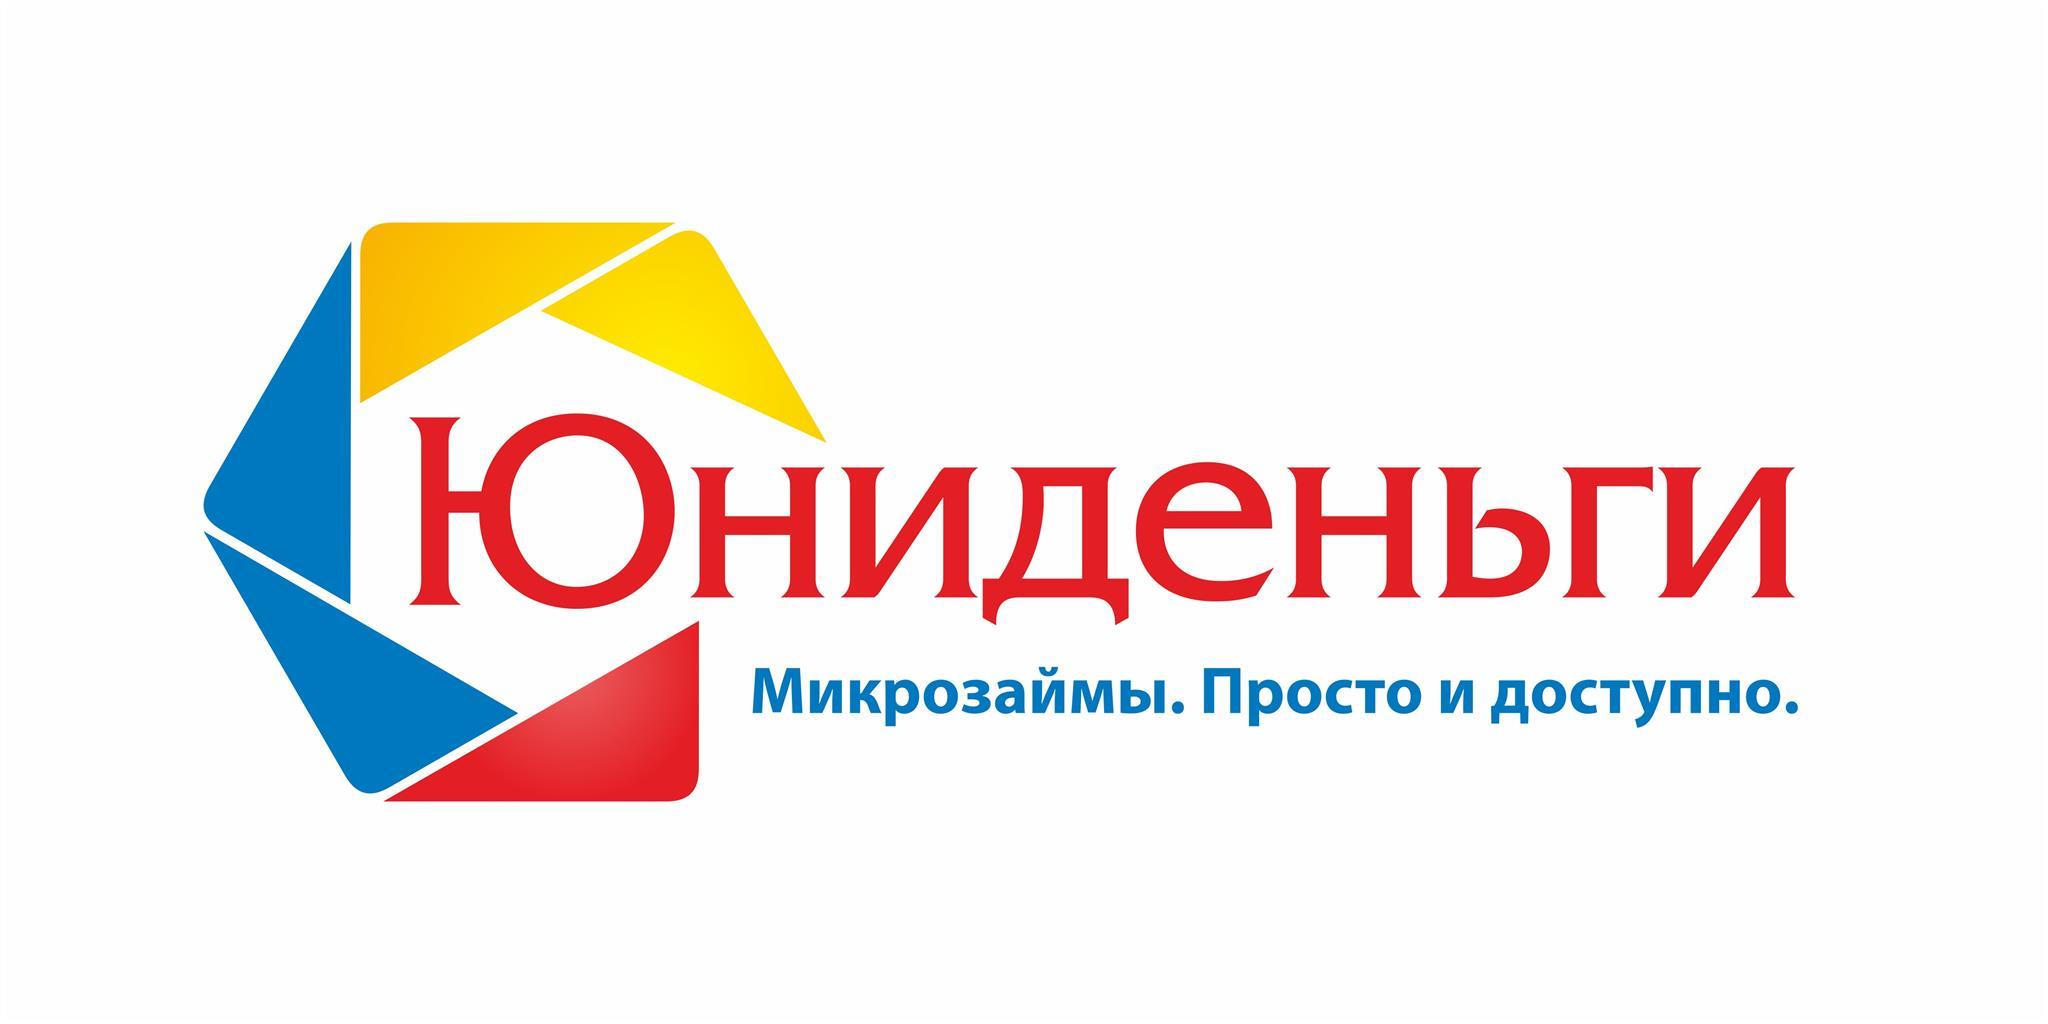 русский кредит выплаты